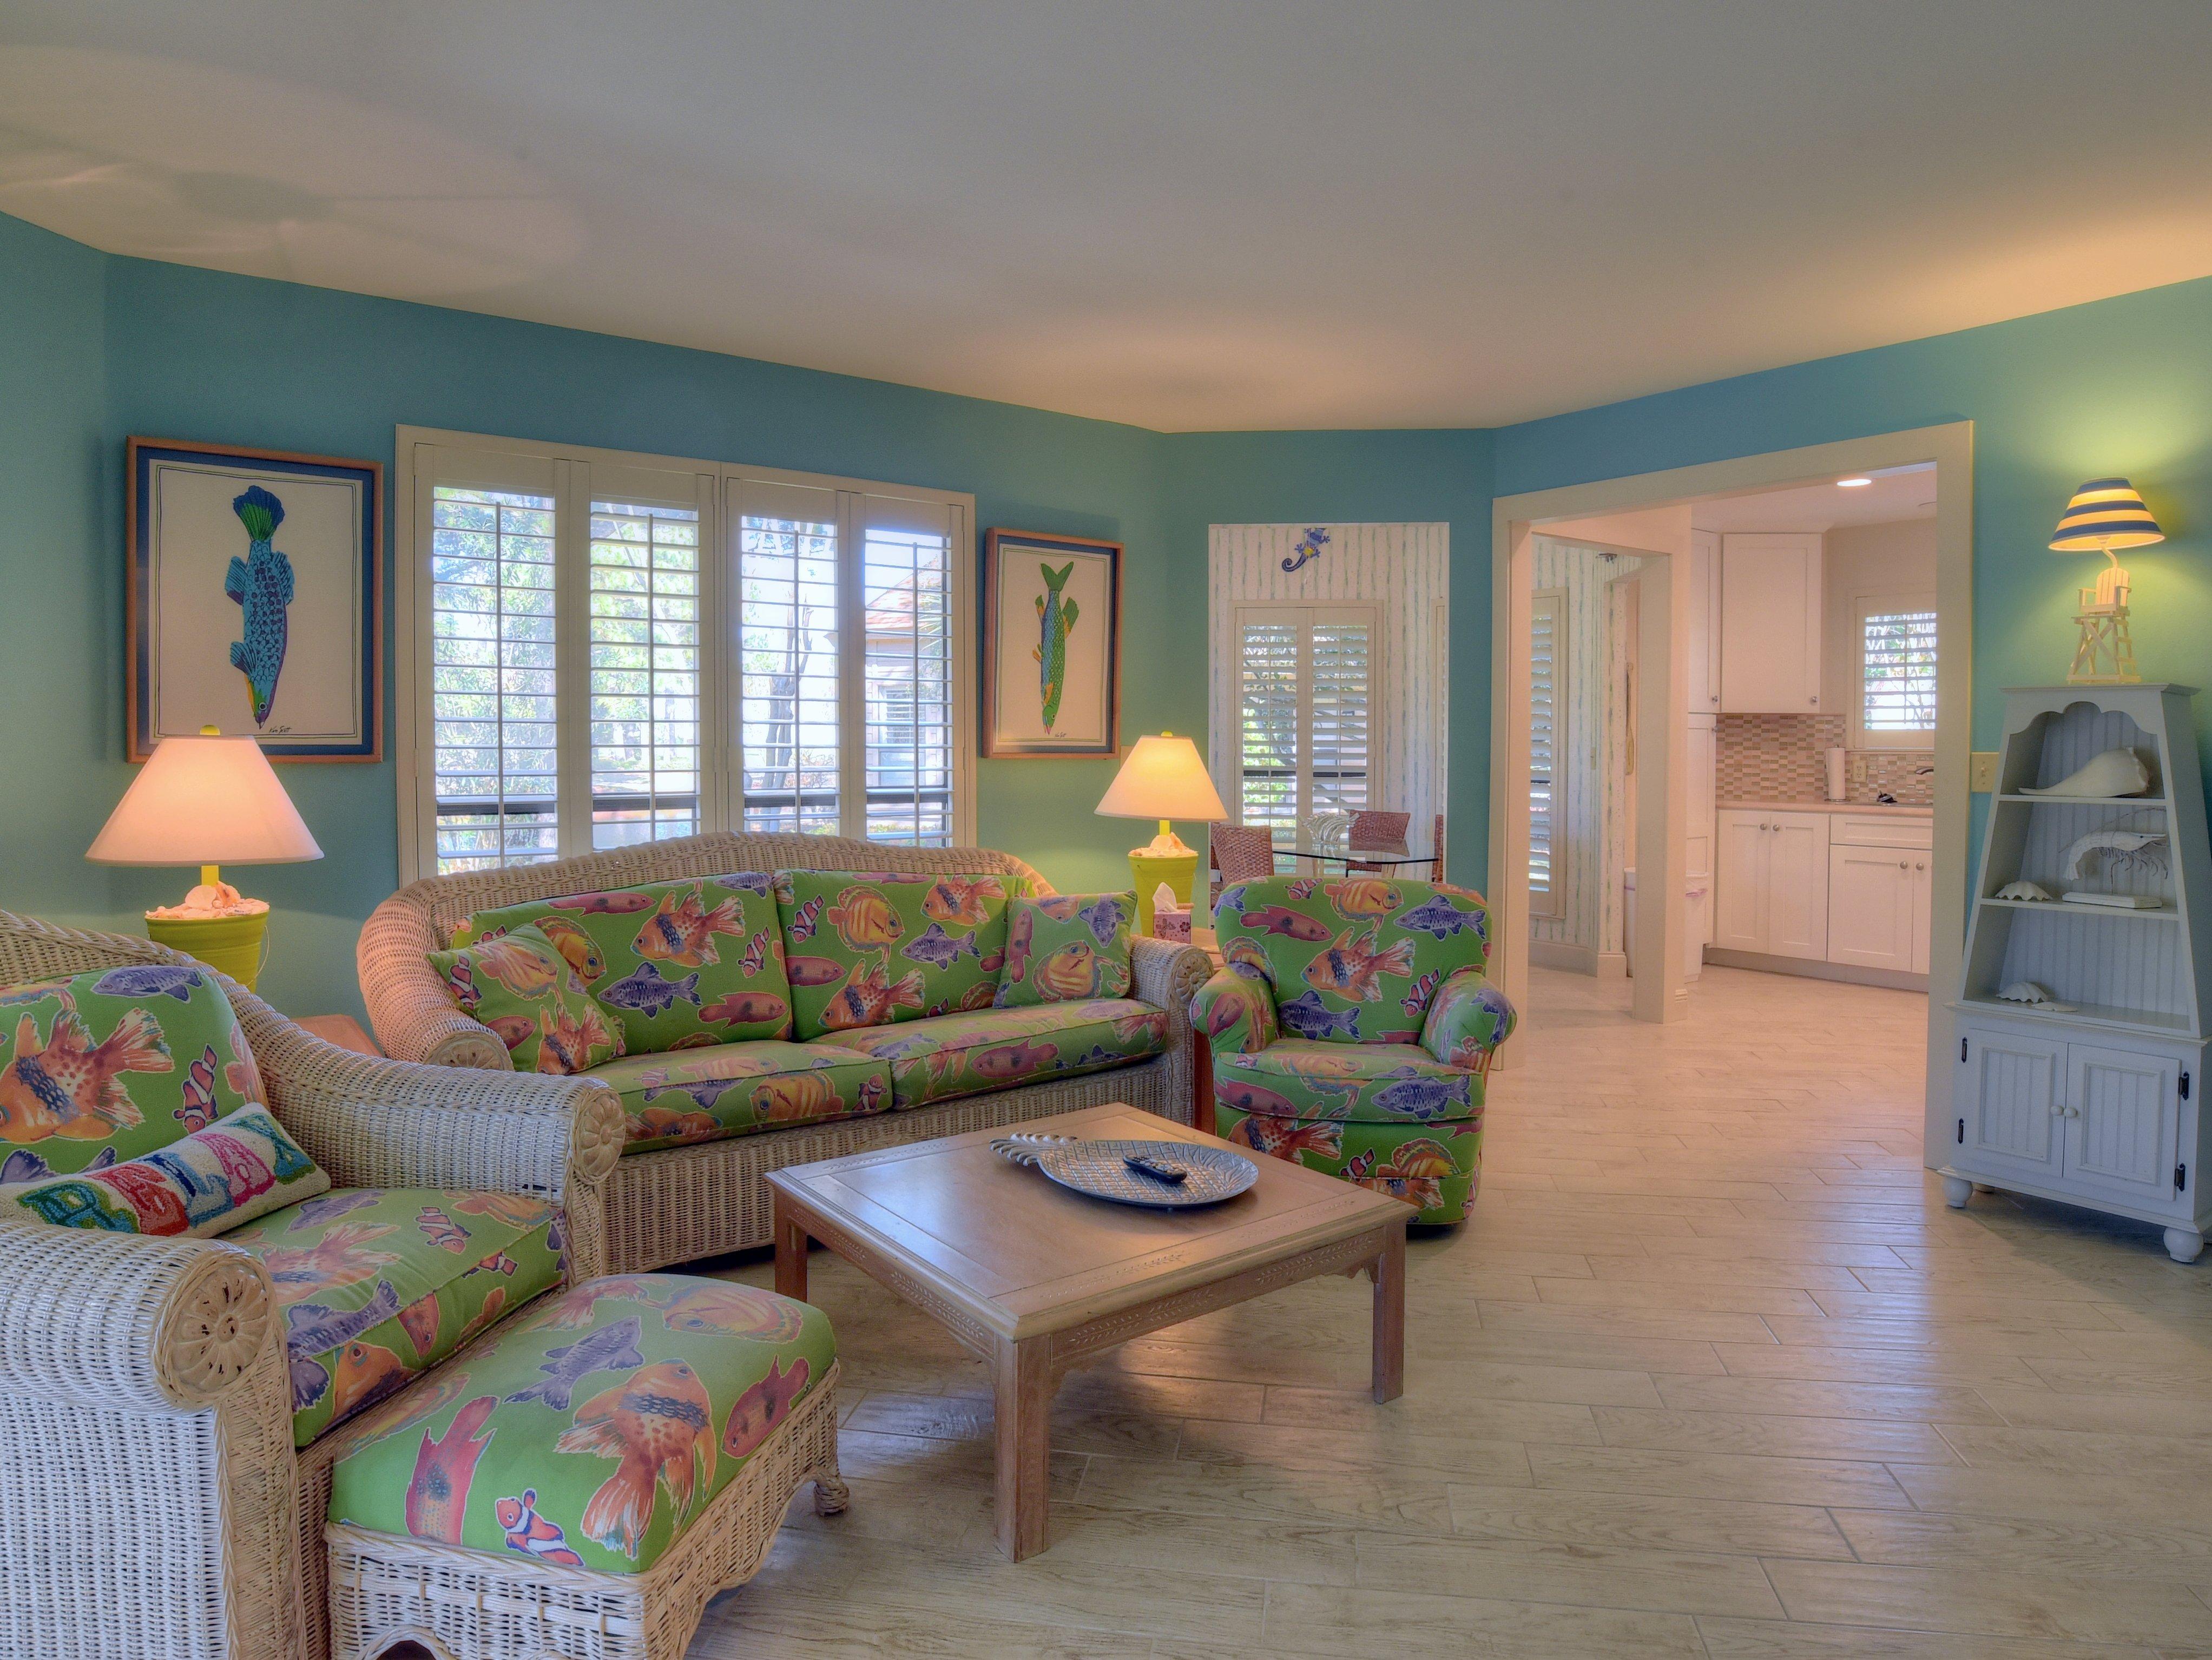 205 Fairways Condo rental in Sandestin Rentals ~ Cottages and Villas  in Destin Florida - #4